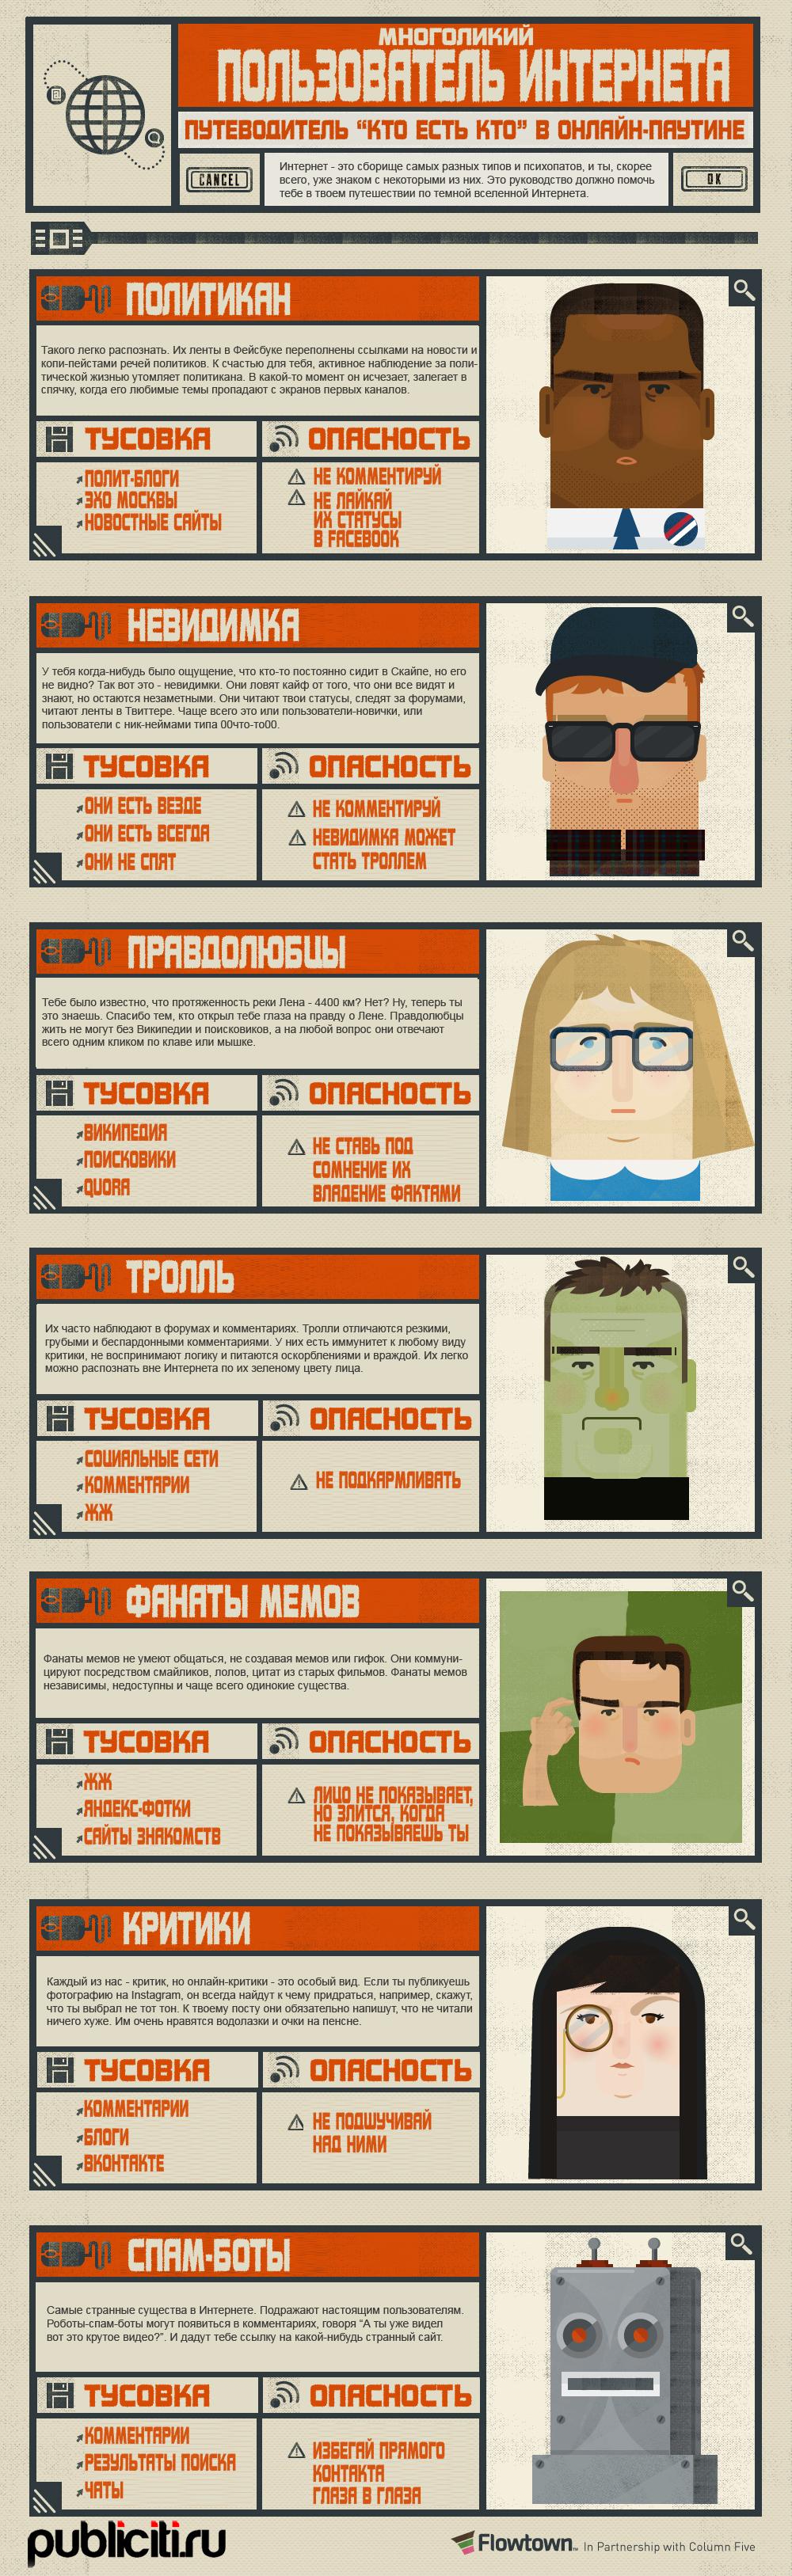 Типы в Интернете